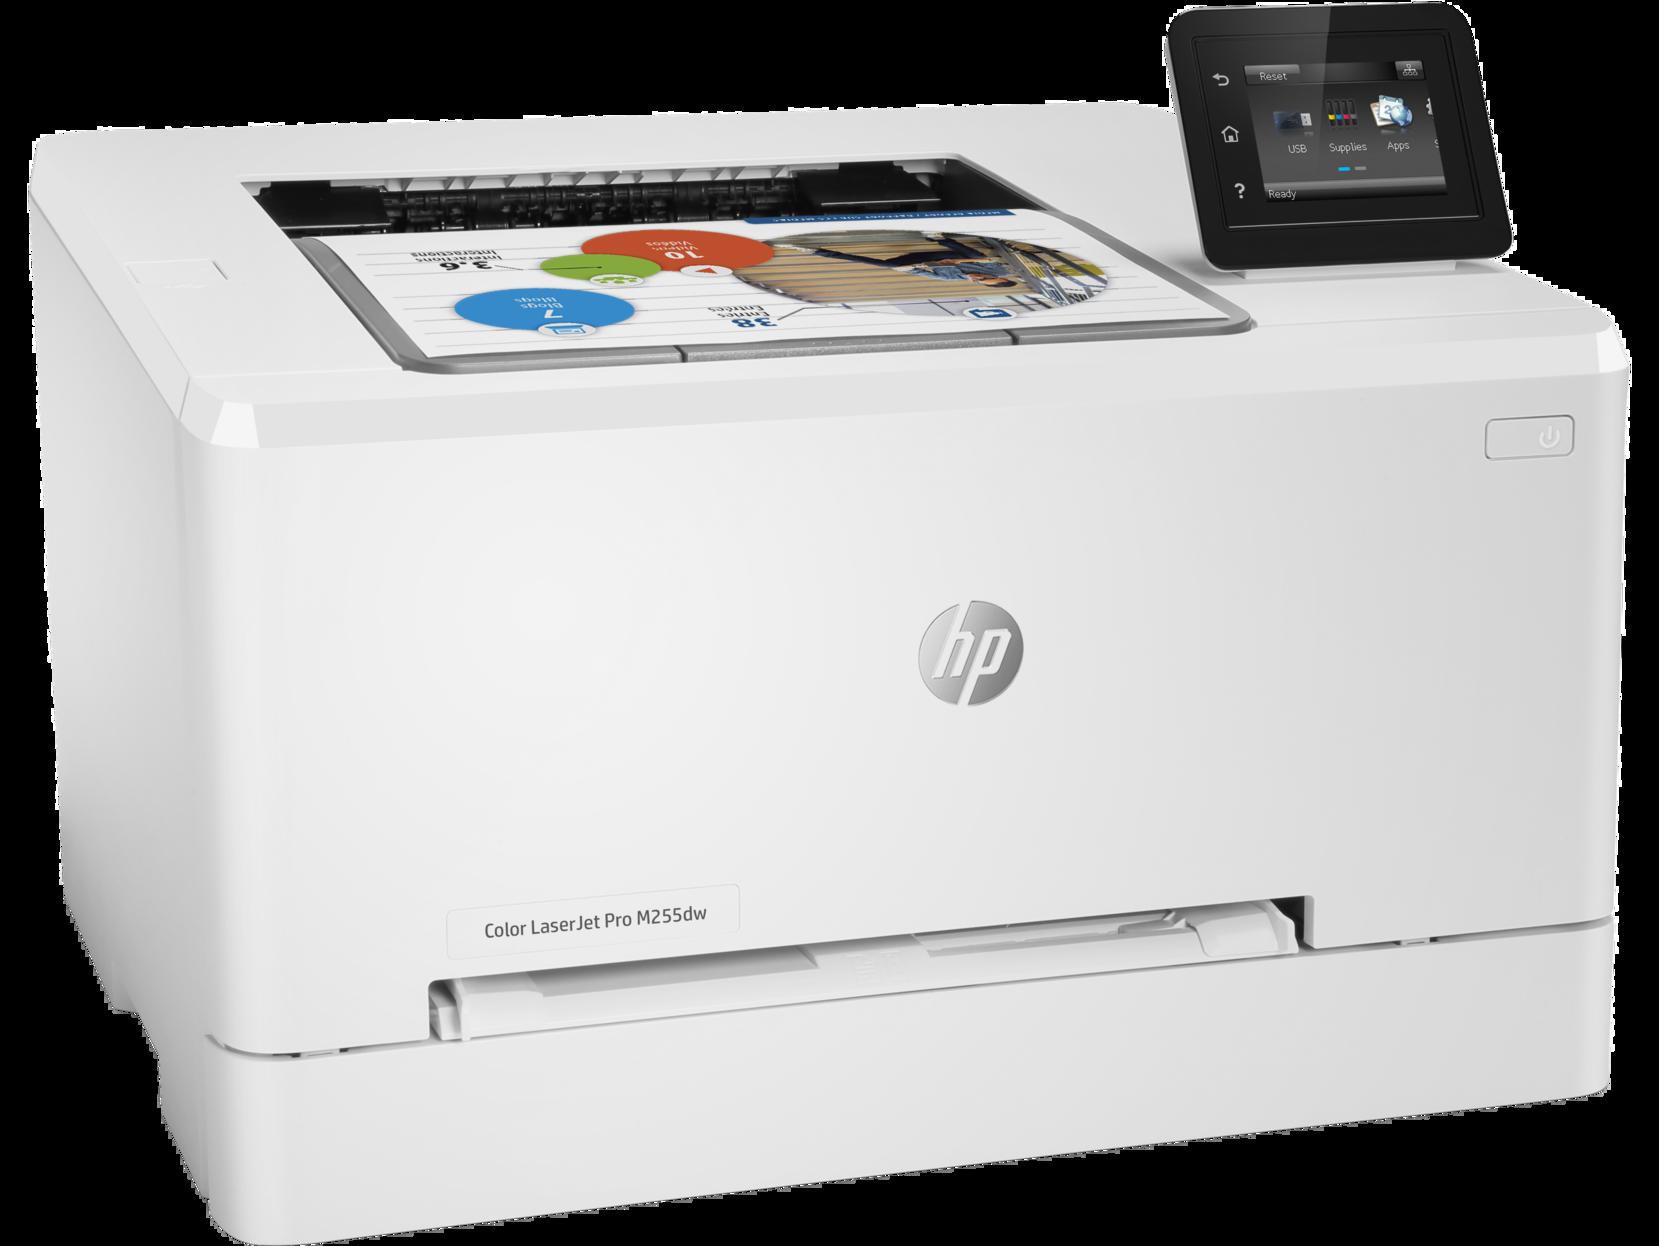 Imprimanta color laser HP